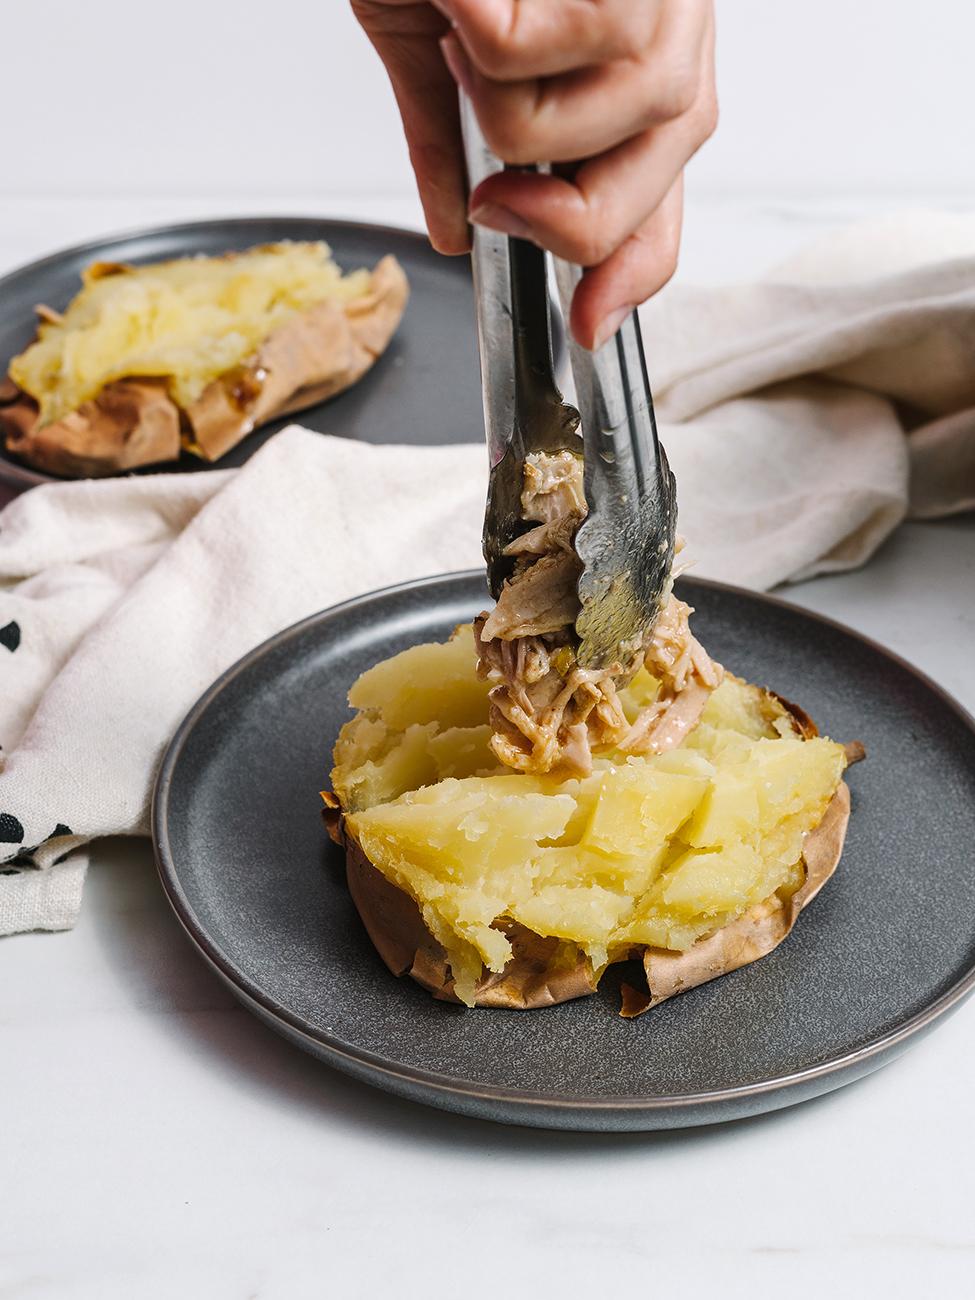 placing pork onto potato